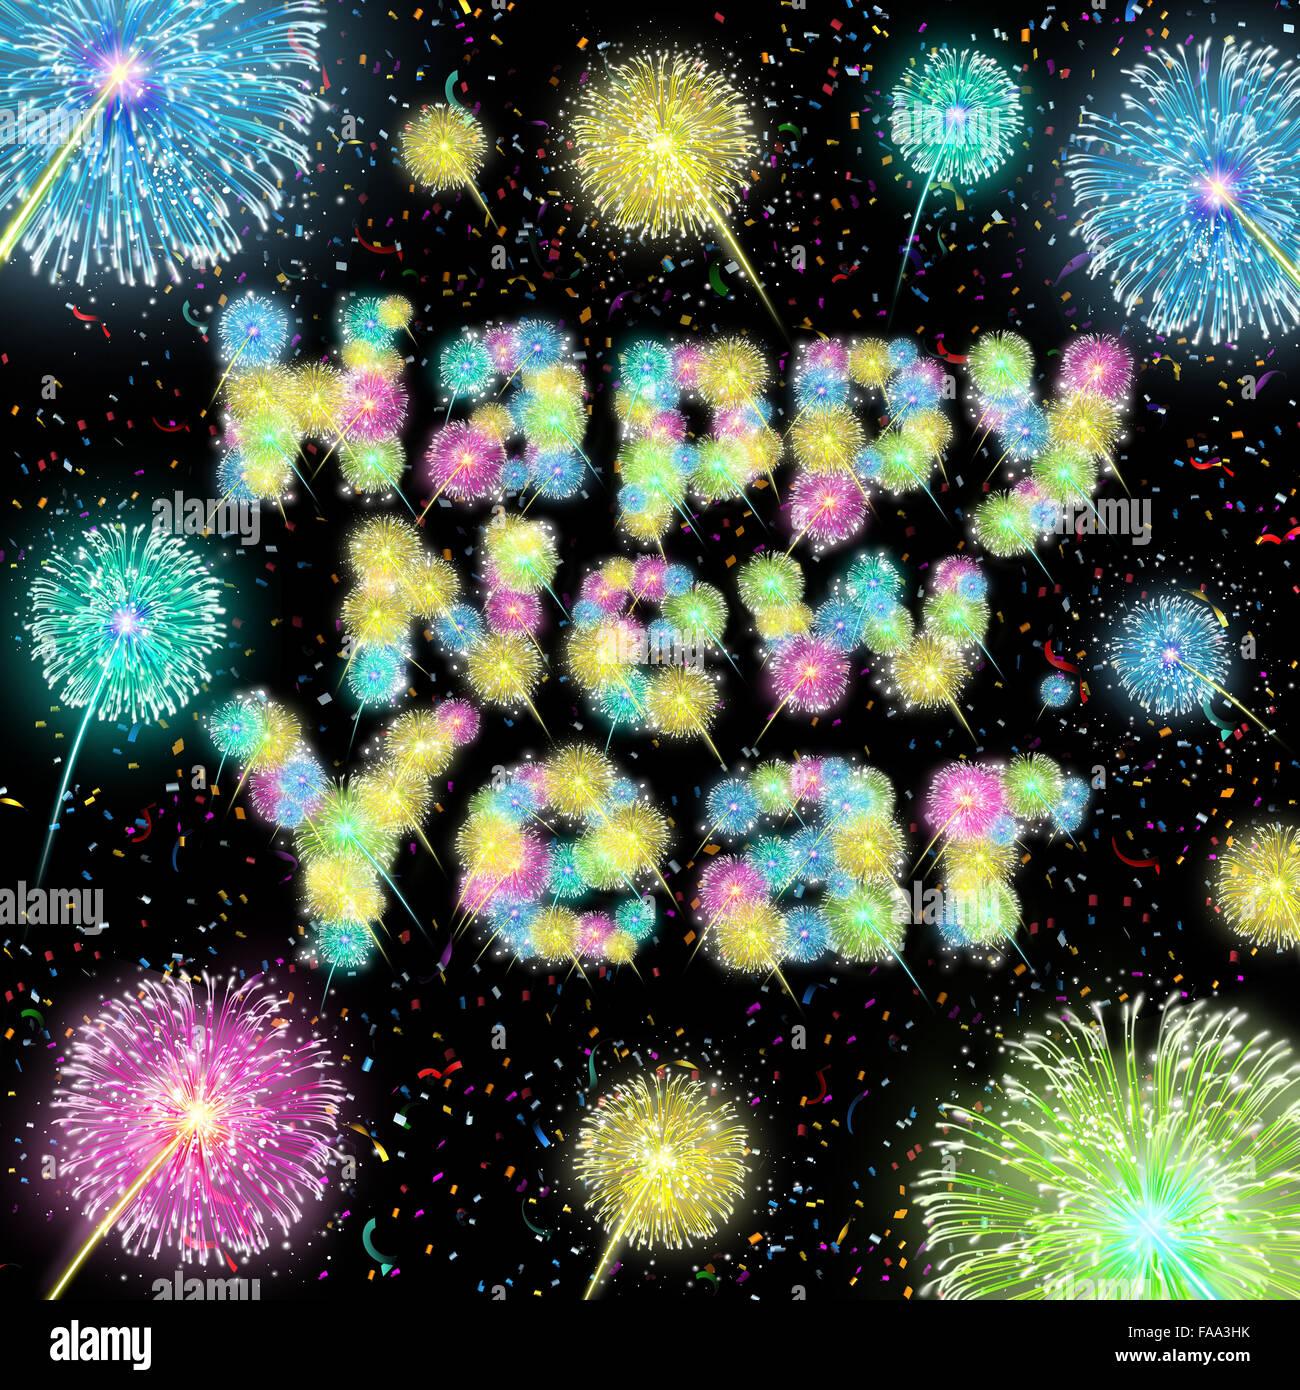 Frohes neues Jahr Feier Text als ein Urlaub-Symbol für den ersten Tag des Jahres Zukunft Freude und Erfolg Stockbild